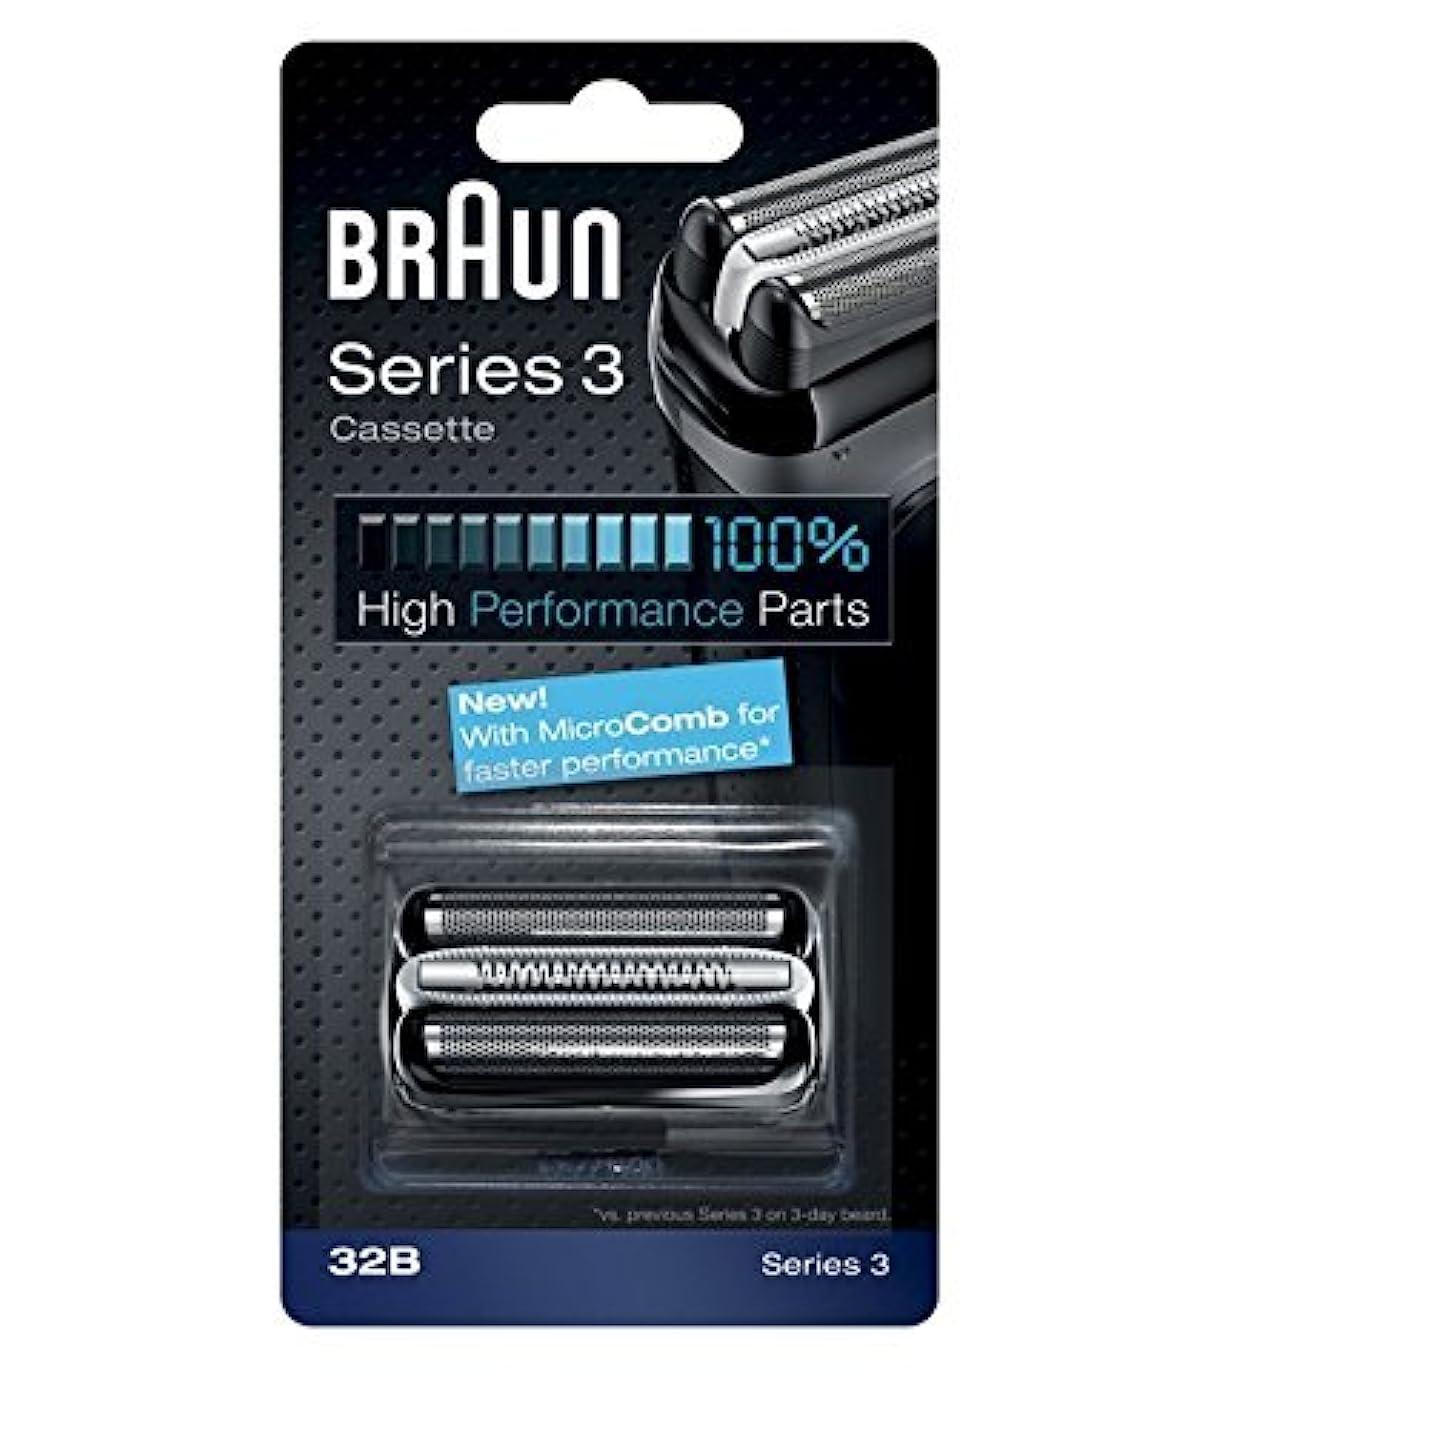 ほとんどの場合ライオネルグリーンストリート却下するBraun razor Replacement Foil & Cutter Cassette 32B Series 3 320 330 340 350CC black shaving heads [並行輸入品]